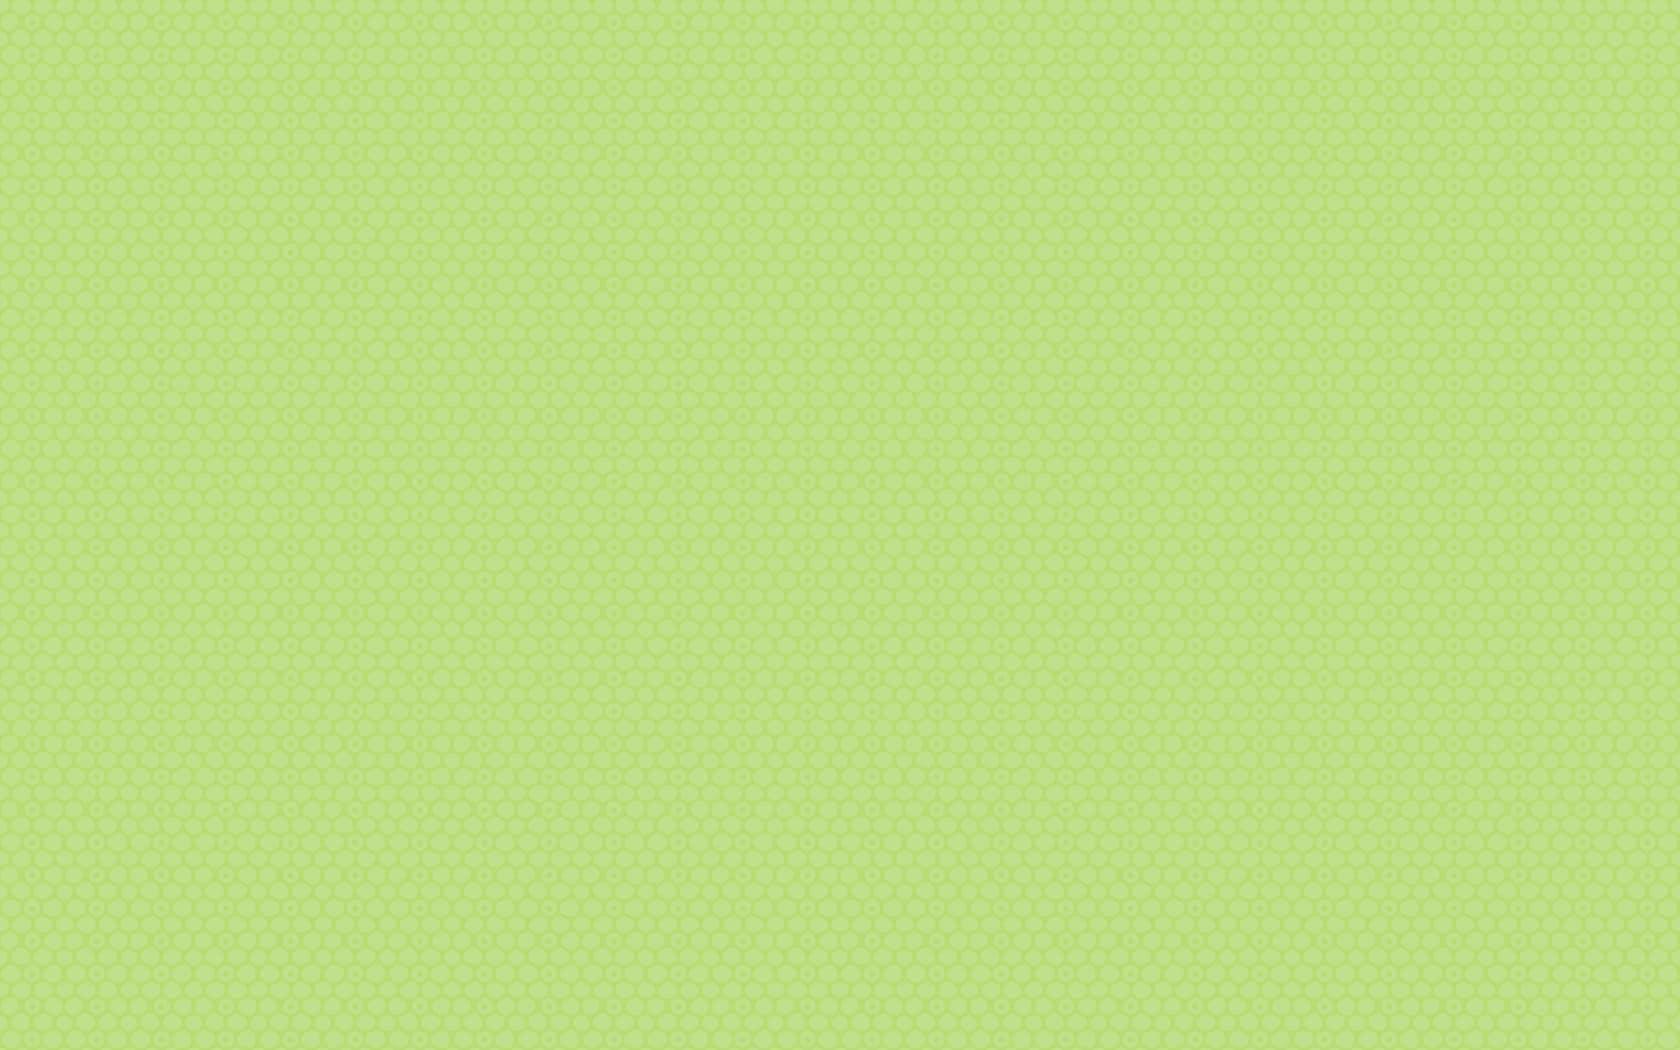 Faianță pentru baie Cersanit Andrea Green 250x400 lucioasă verde / 12